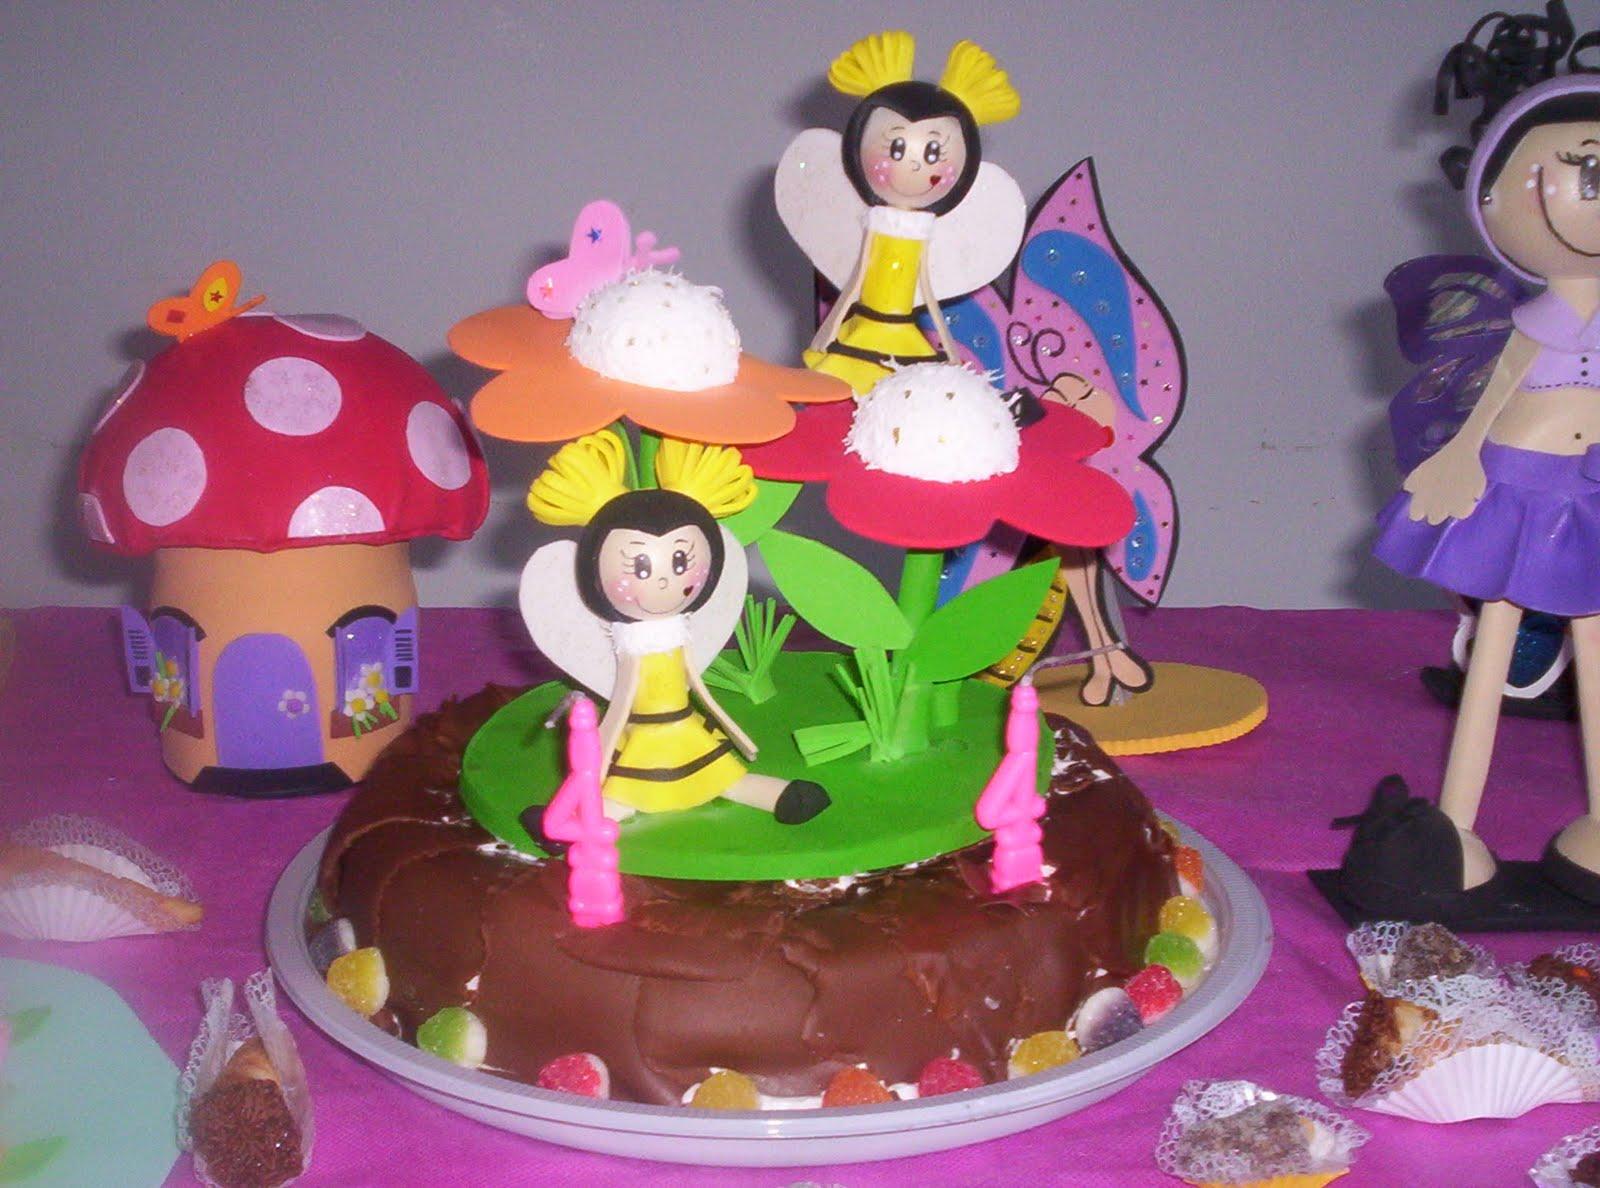 decoracao de bolo jardim encantado:bolo abelhinhas topo do bolo em eva